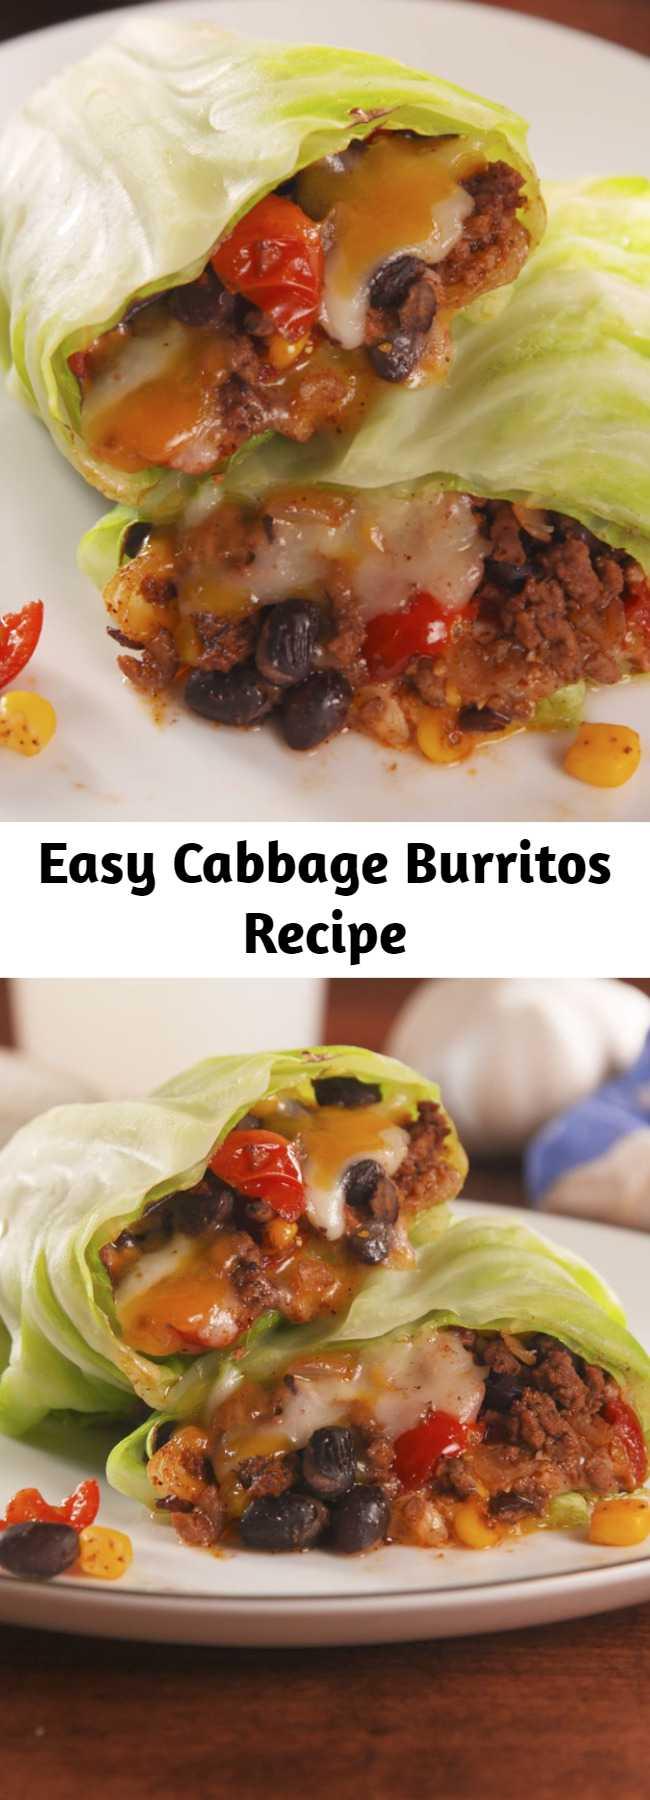 Easy Cabbage Burritos Recipe - The healthy way to get your Tex-Mex fix. #healthyrecipes #easyrecipes #cabbage #healthyburritos #lowcarb